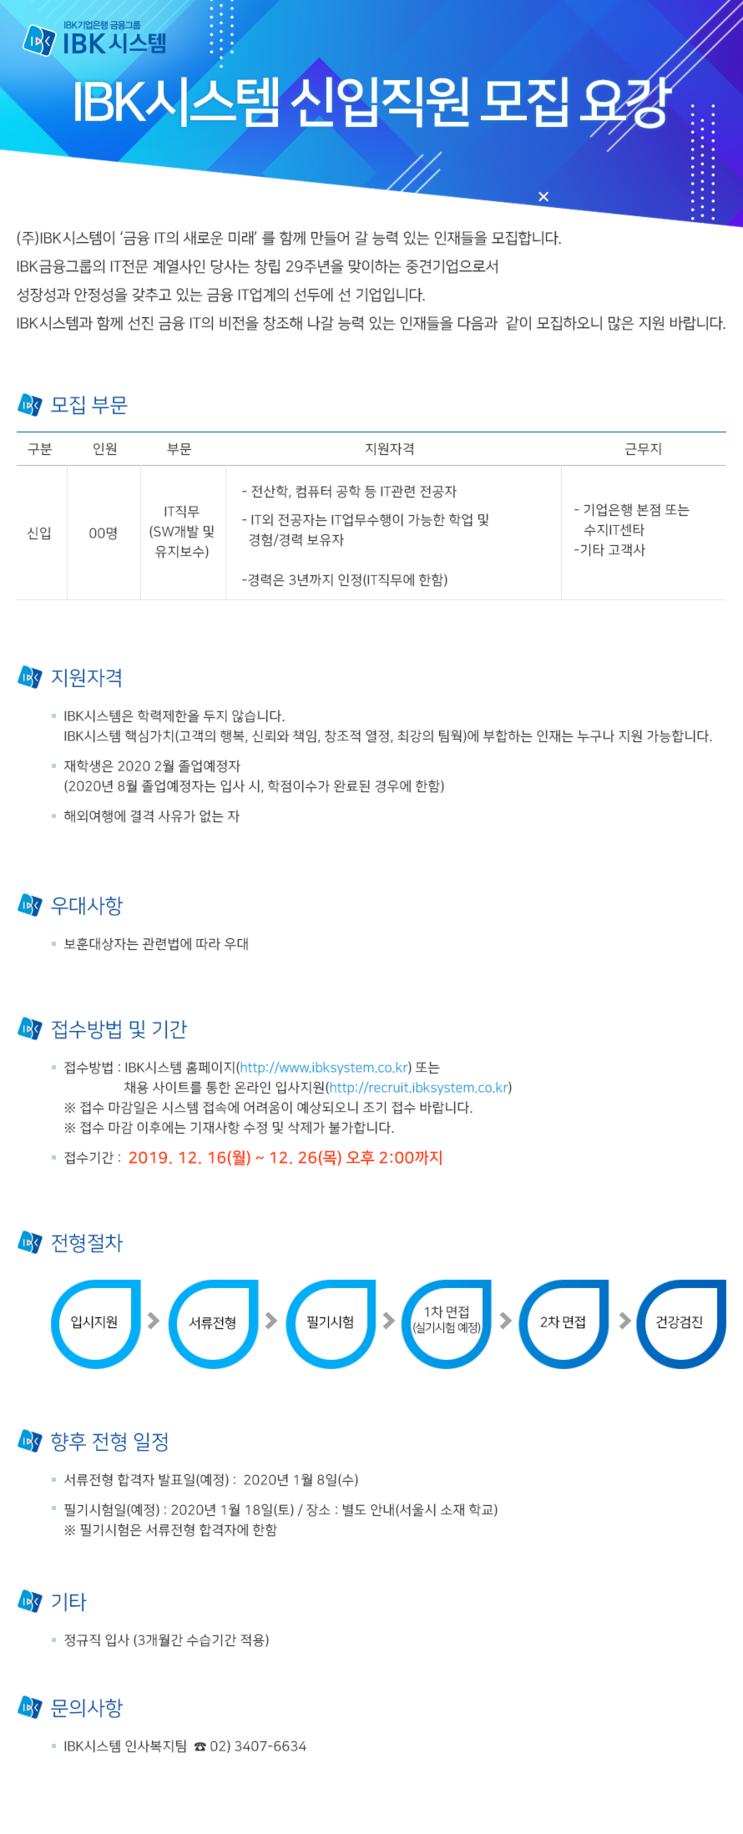 [채용][IBK기업은행] 2020년 IBK시스템 신입직원 모집